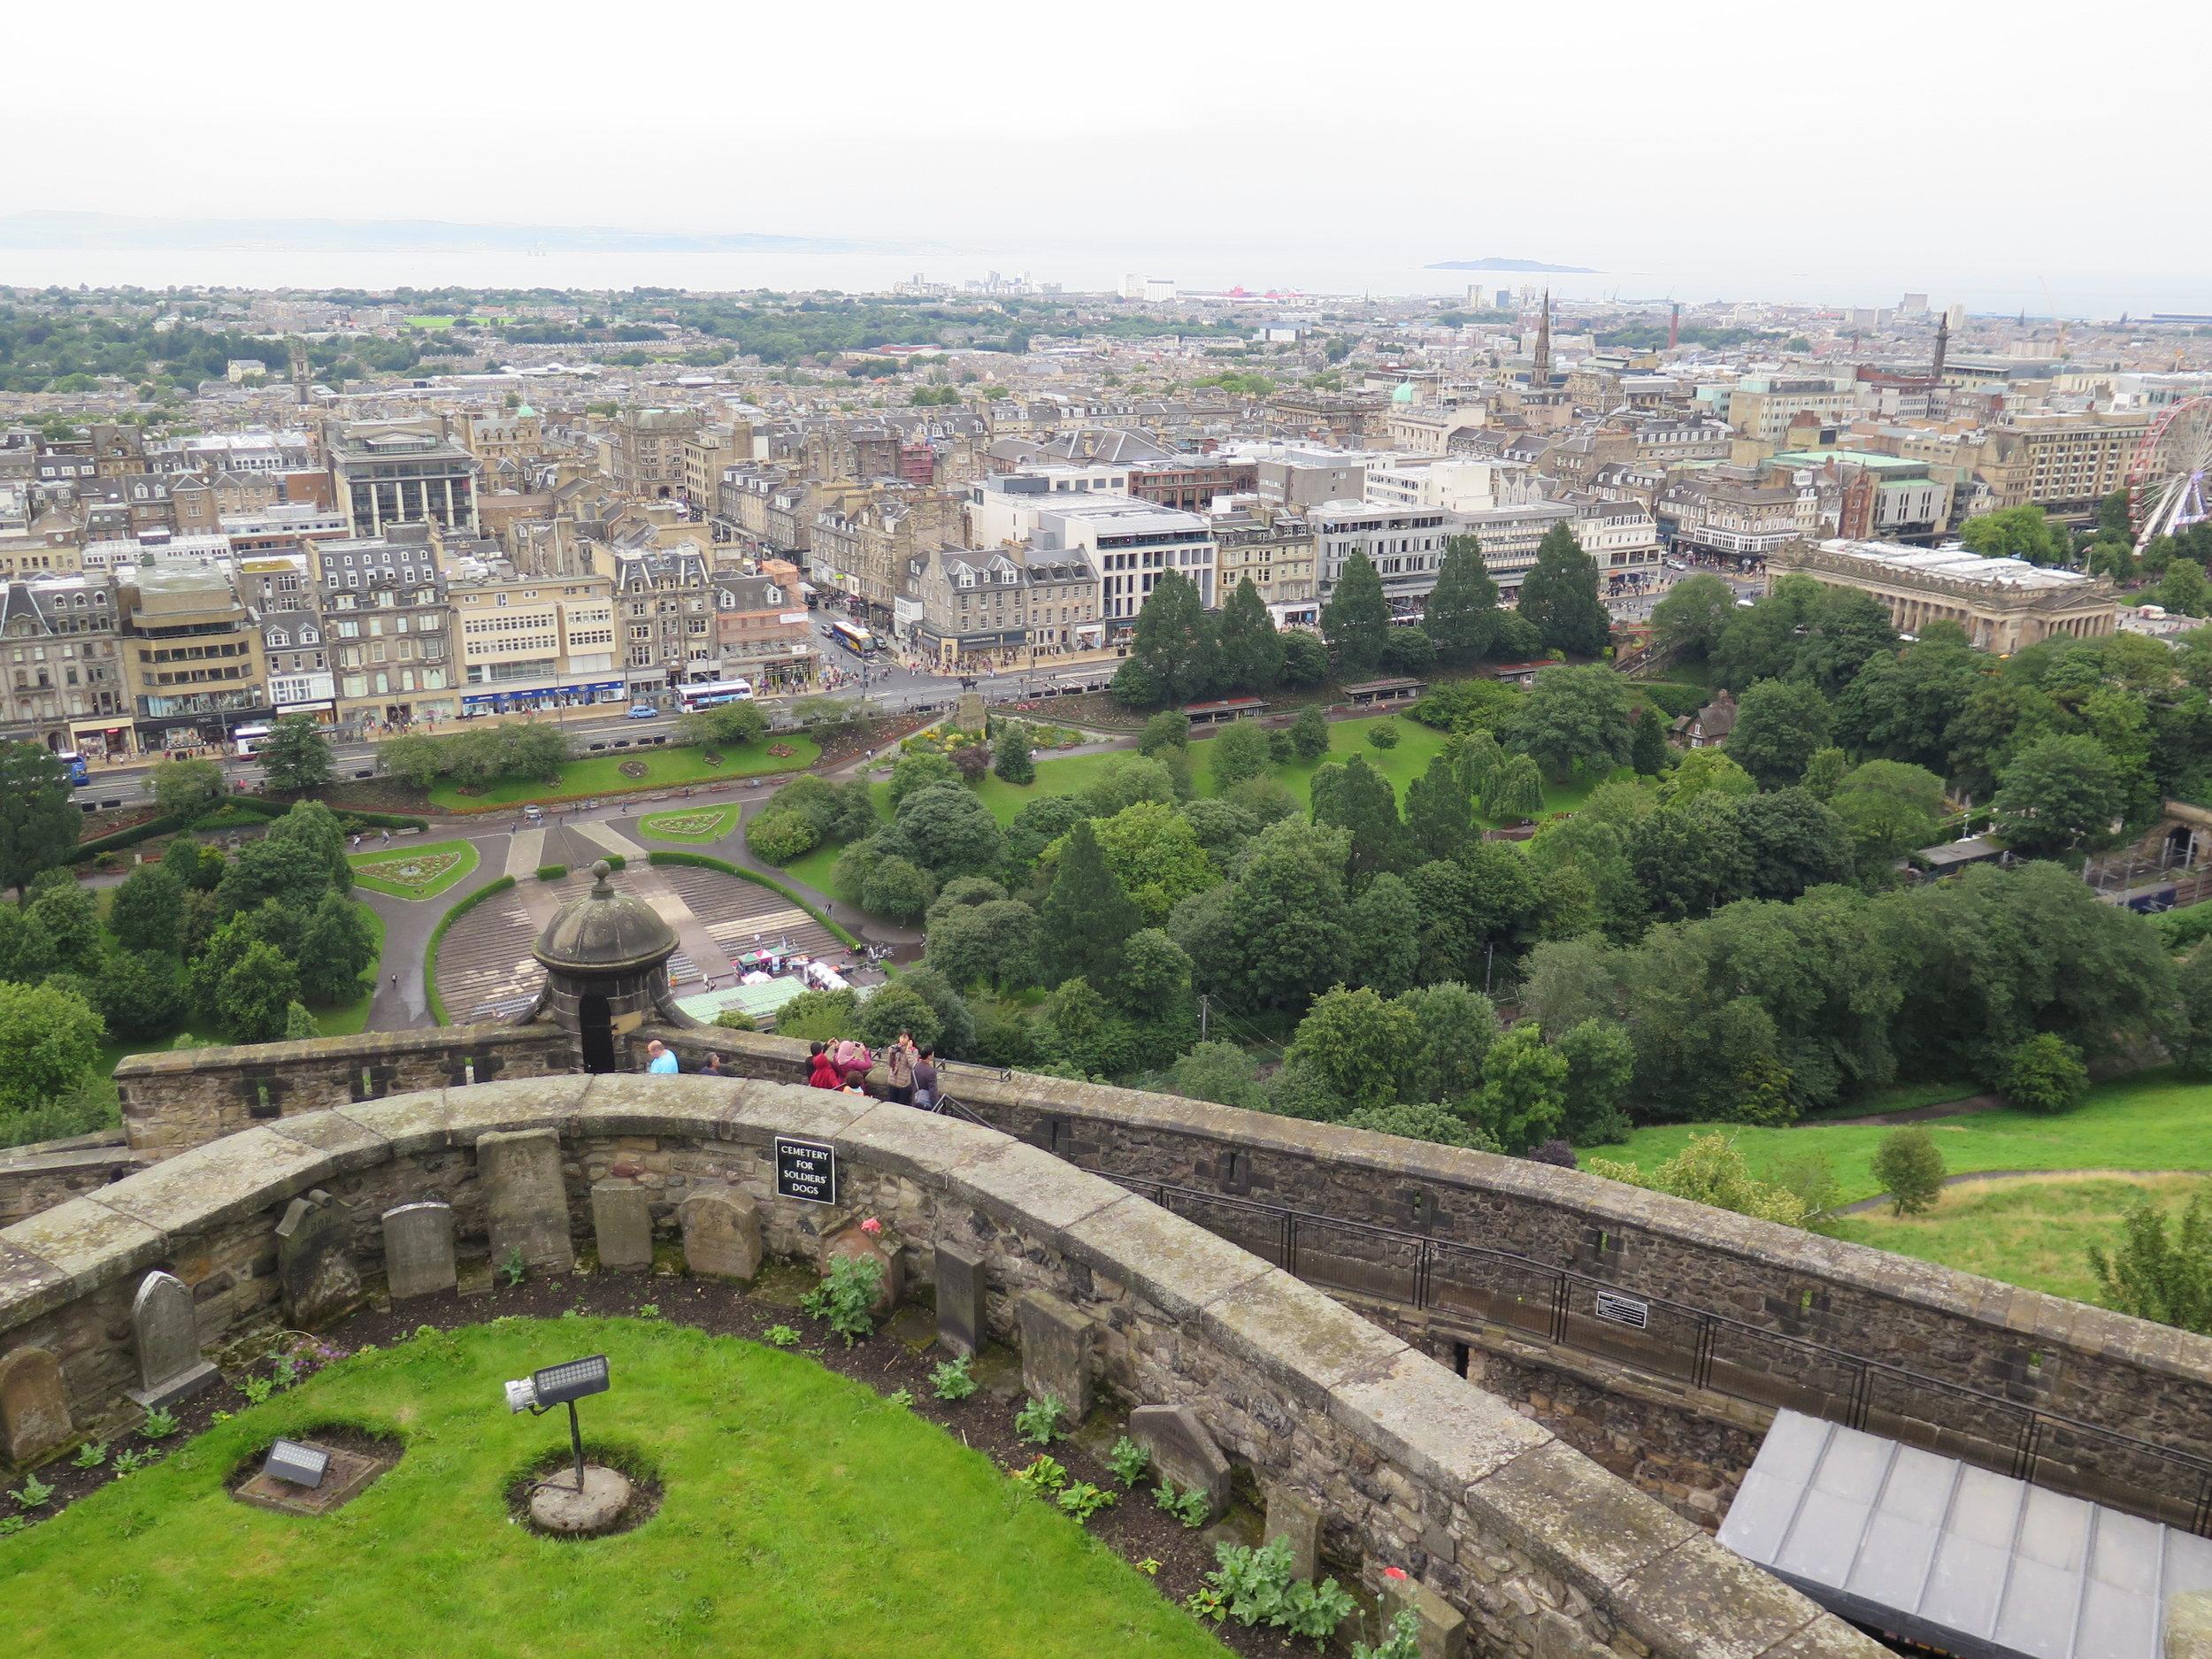 Dog cemetary in Edinburgh Castle